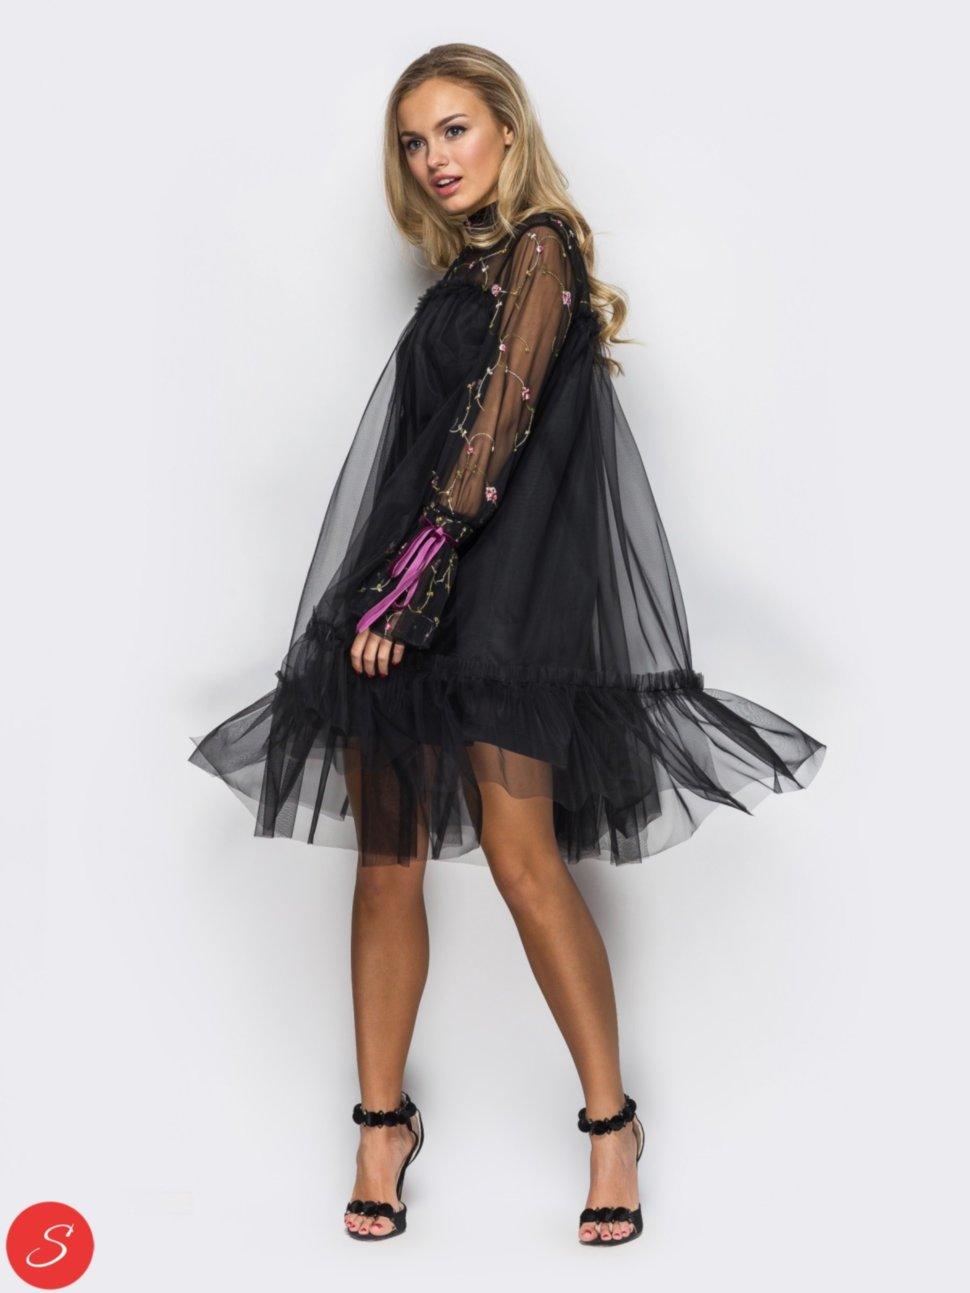 f6923d2cf93 Вечернее платье фатин с вышевкой. 62229 Короткое платье. Подкладка -  трикотажная. какетка и